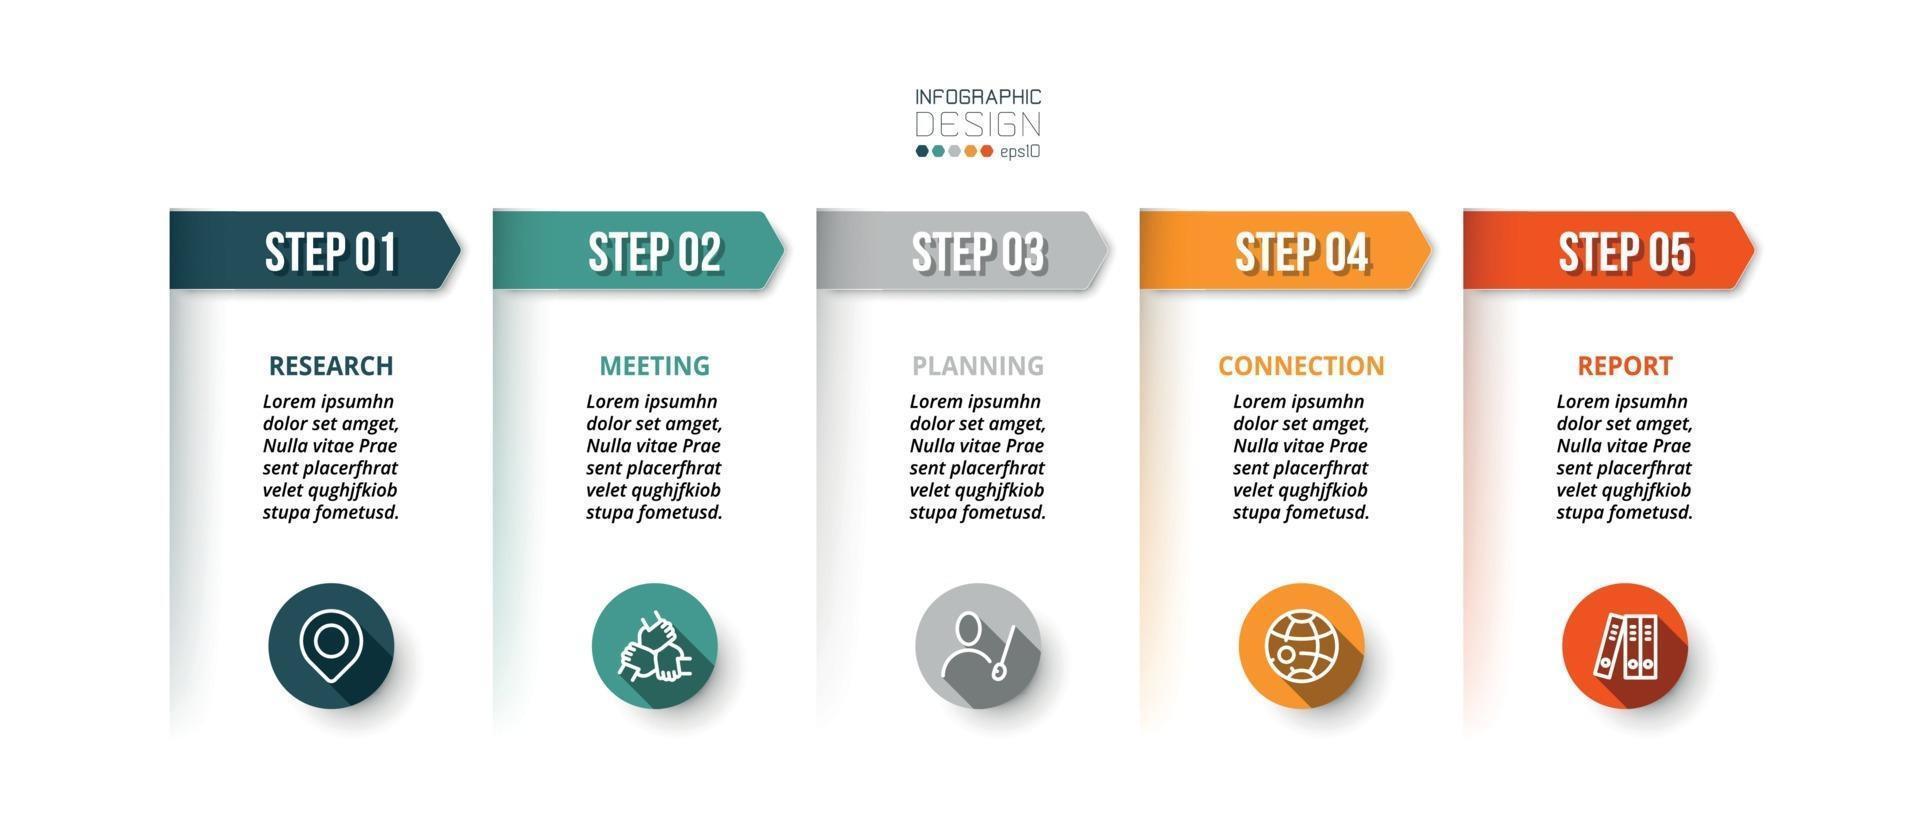 nieuwe ideeën of werkplanning, werkprocessen presenteren en resultaten toelichten en erover rapporteren. vierkant infographic ontwerp. vector